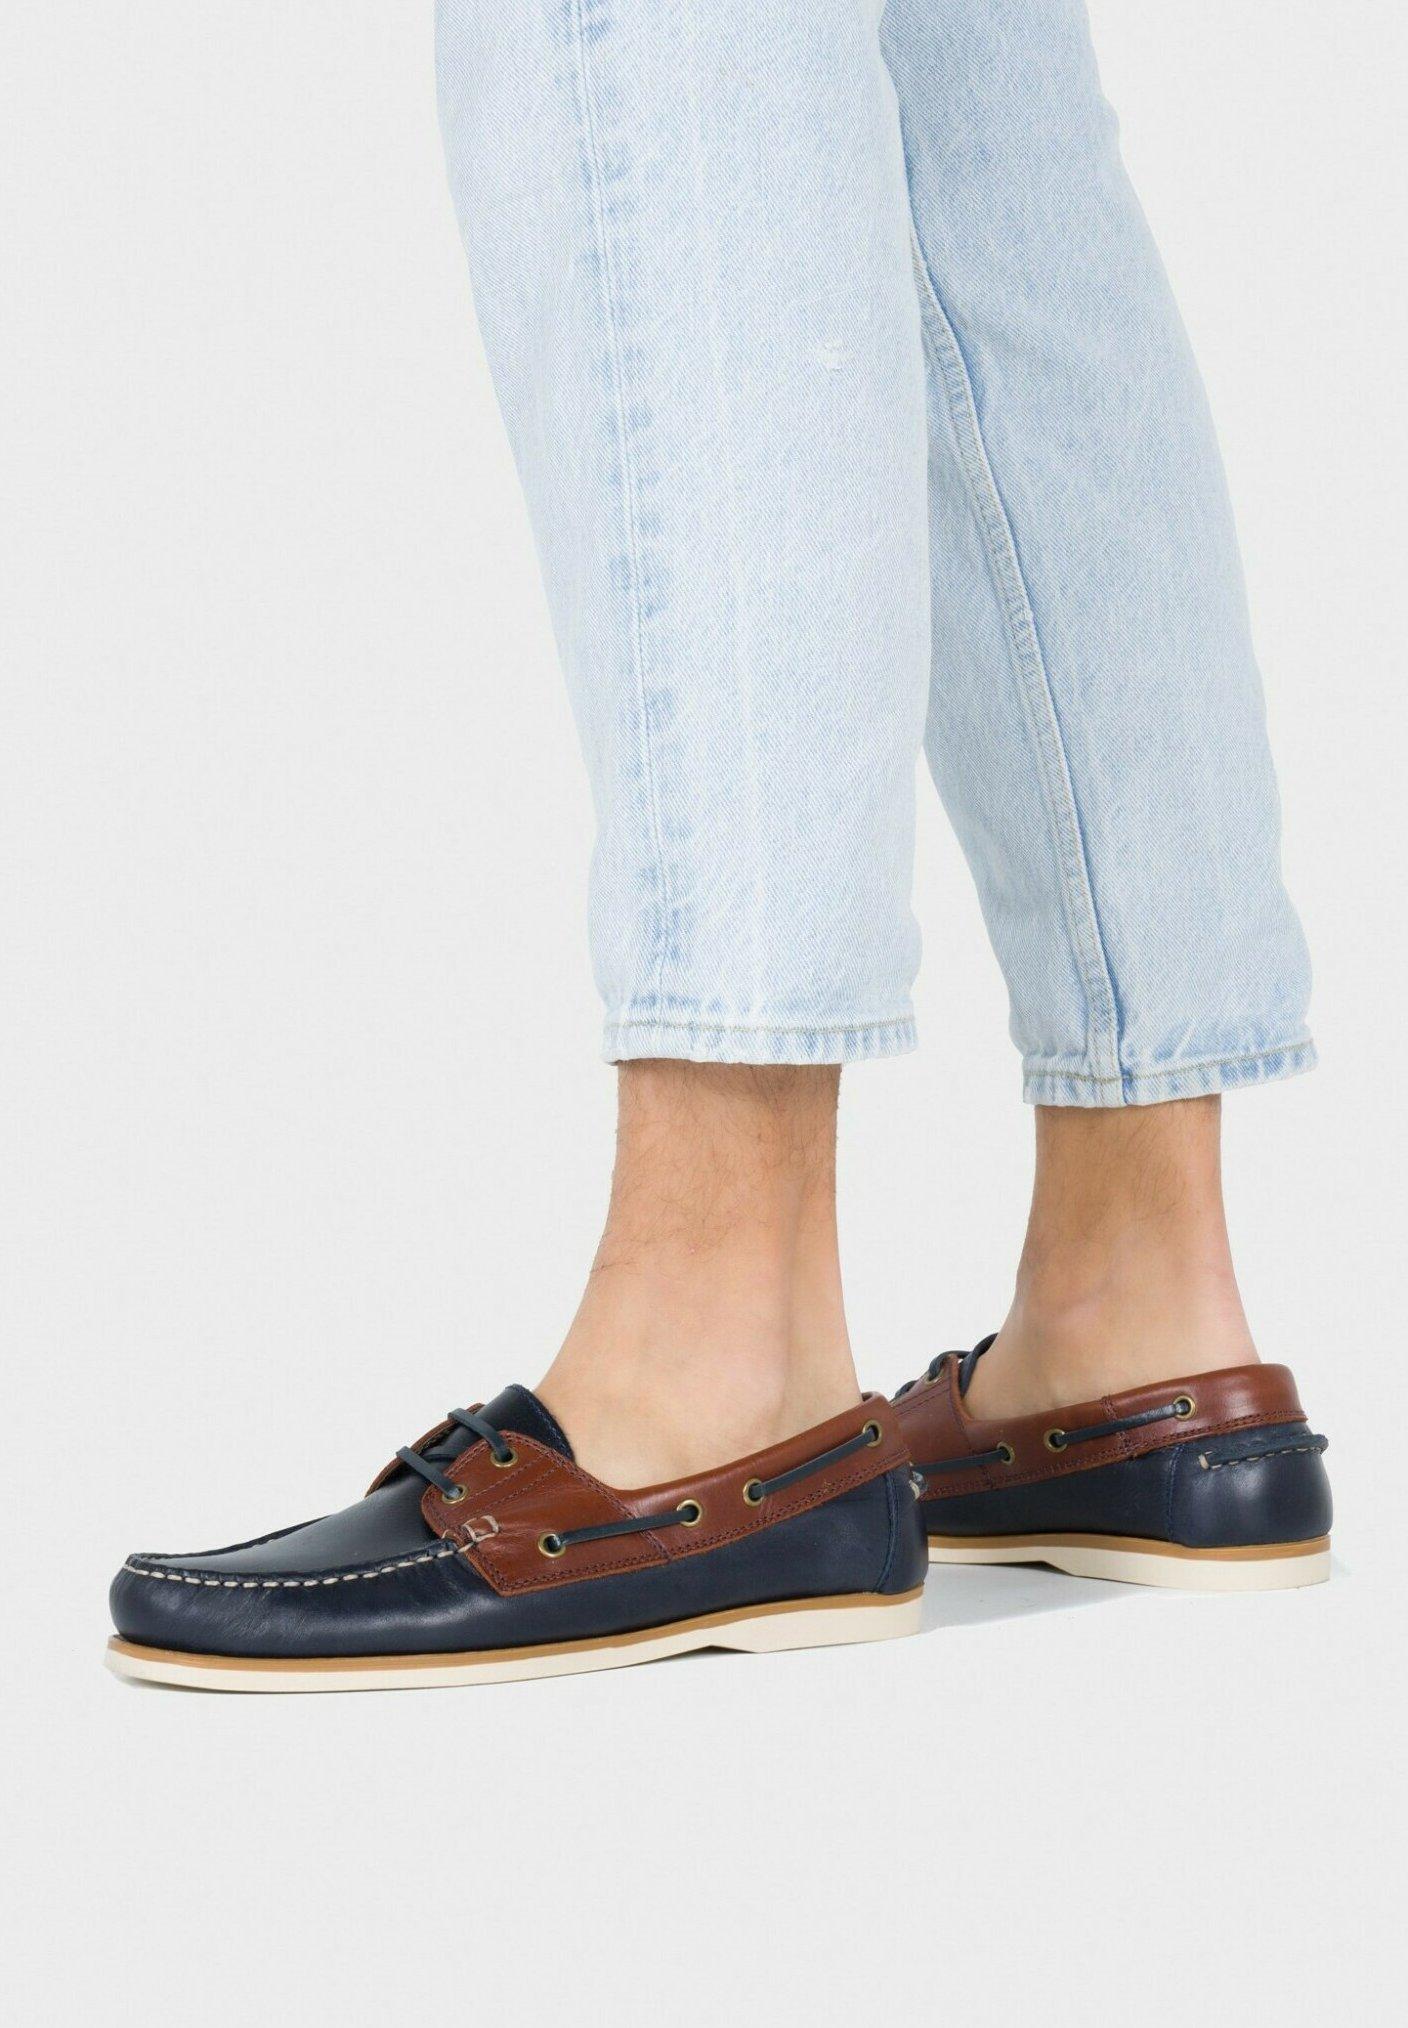 Homme NAUTICO BICOLOR - Chaussures bateau